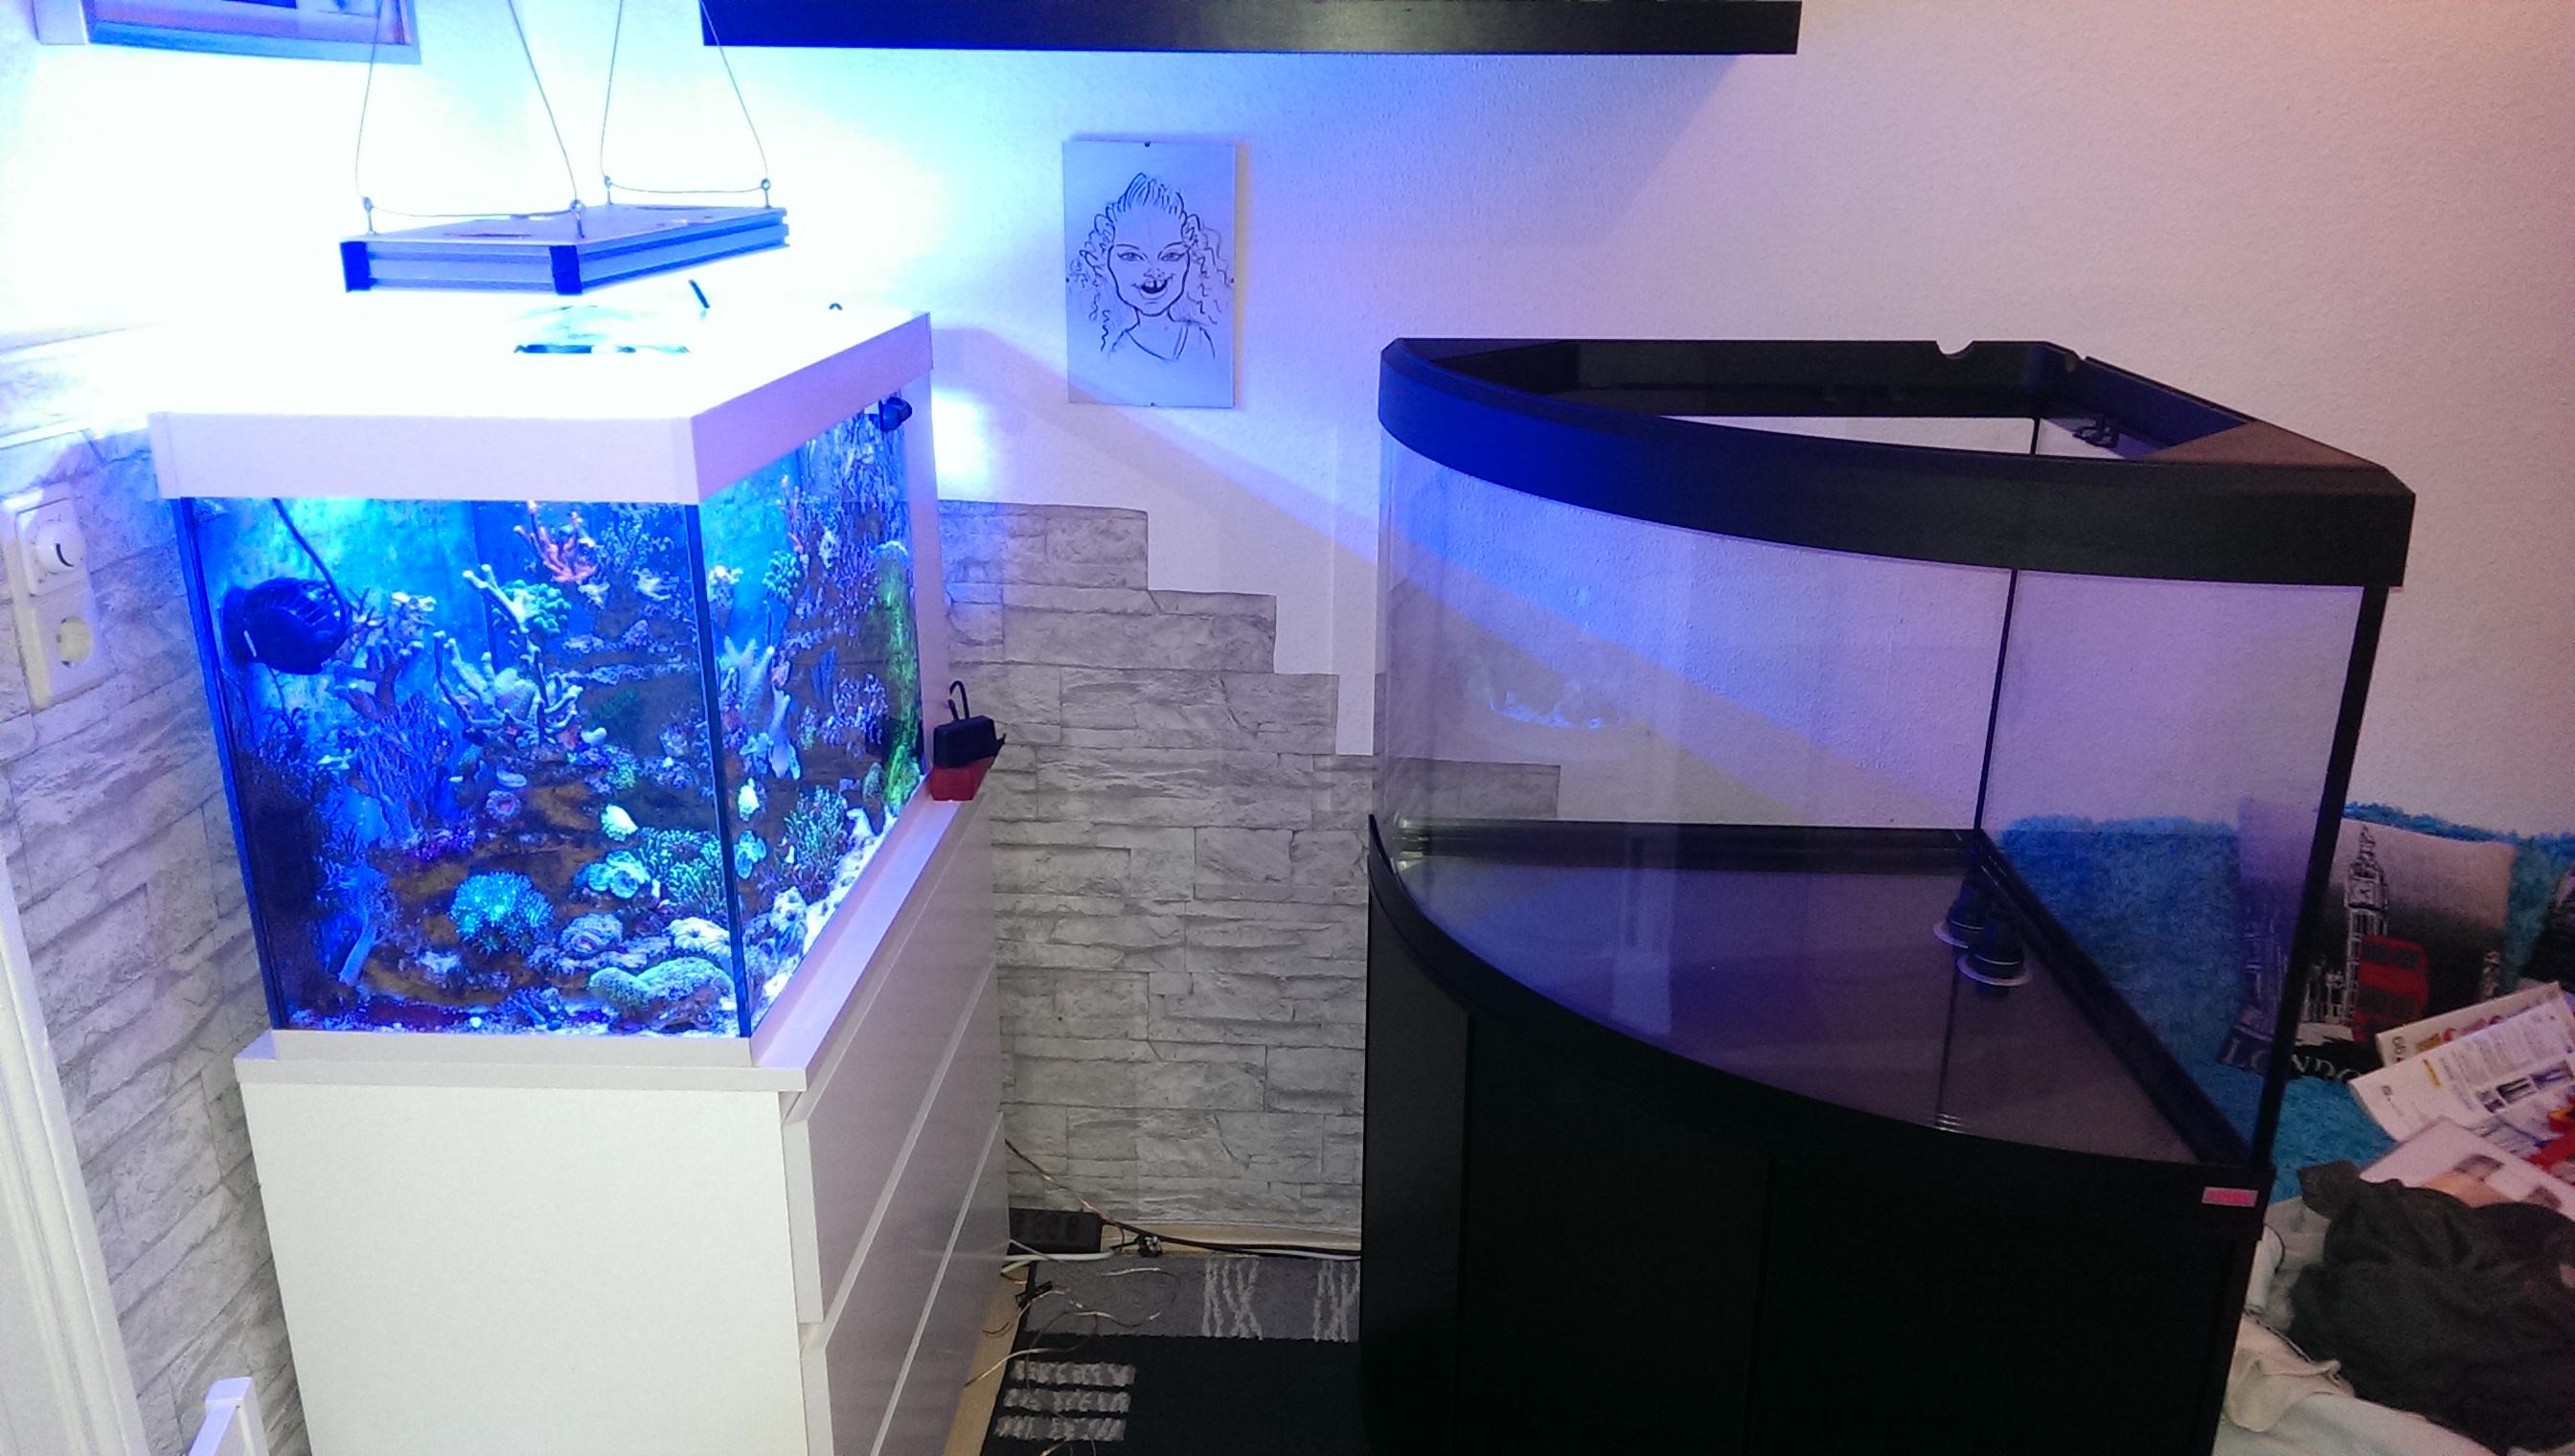 fluval venezia eckbecken meerwasser aquarium vorstellung reeftanks dein forum f r. Black Bedroom Furniture Sets. Home Design Ideas